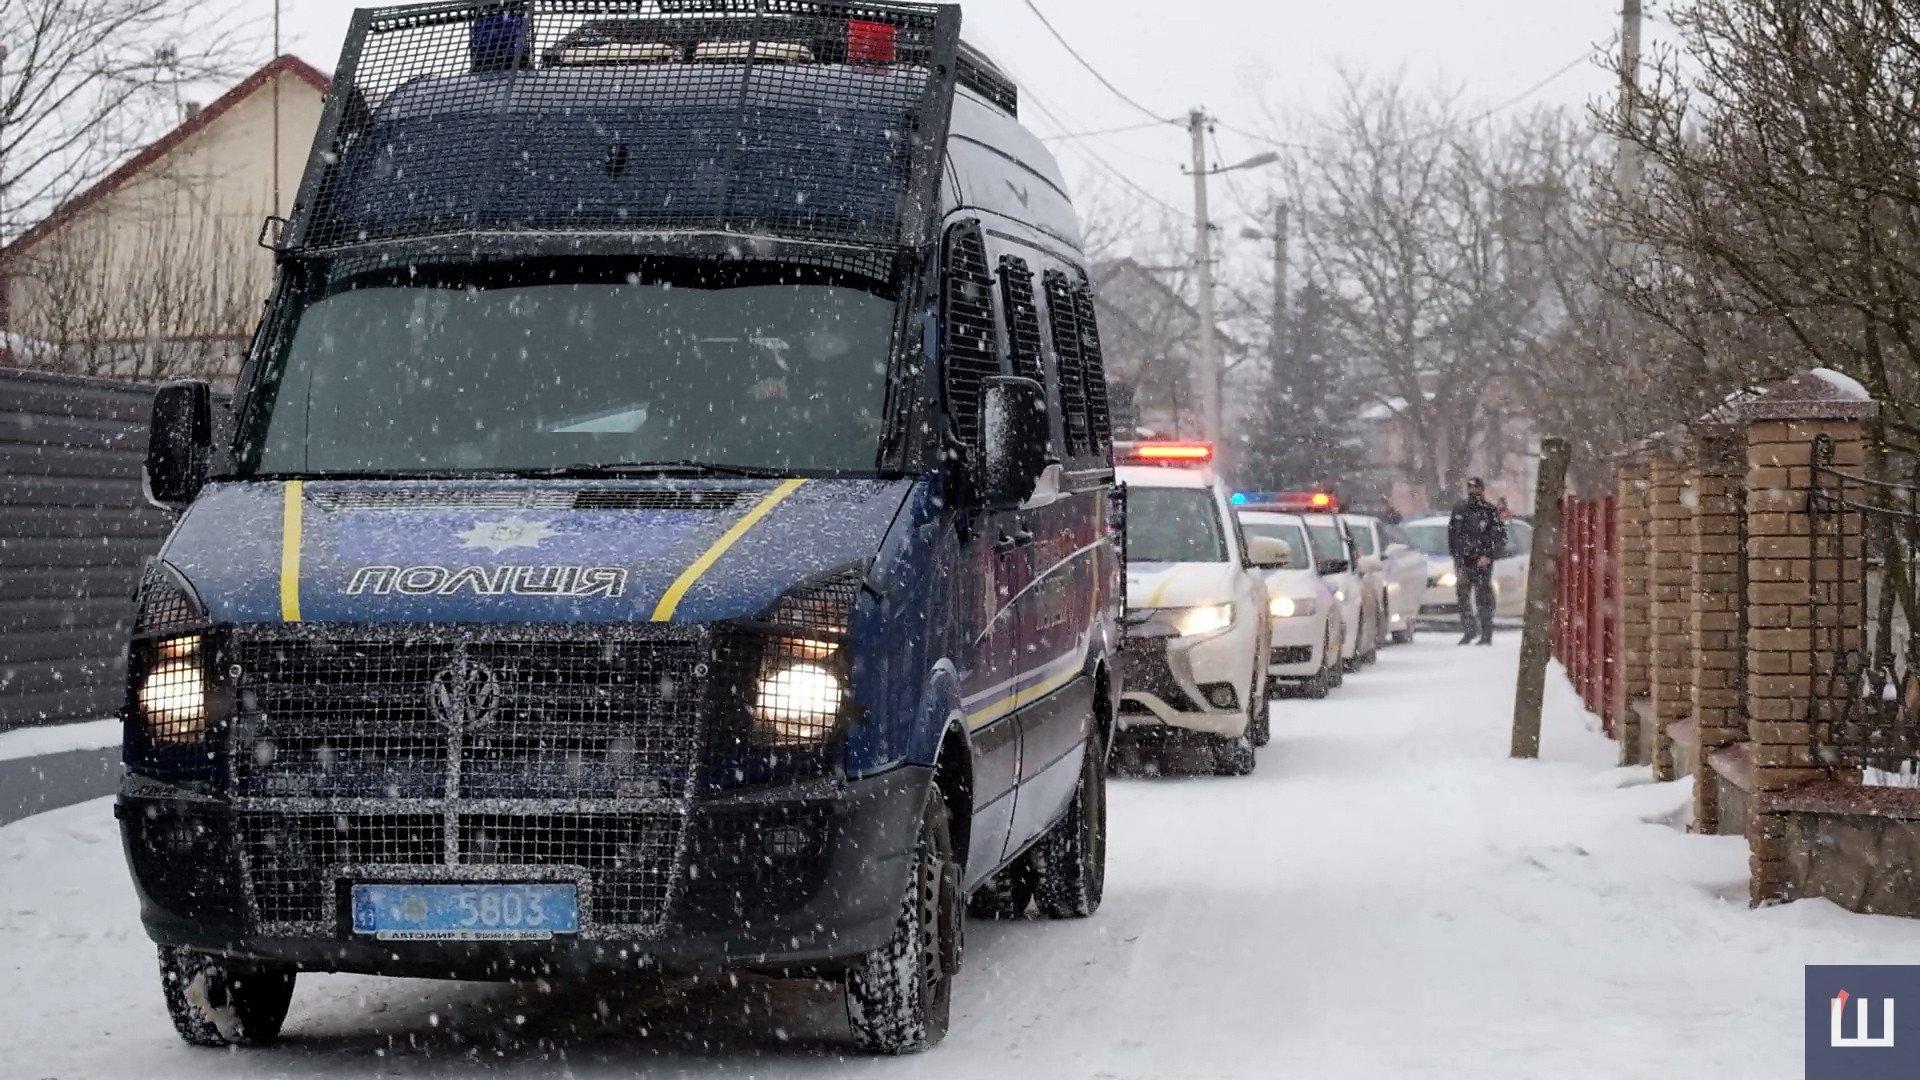 Осуществить заветную мечту: в Черновцах больного раком мальчика приняли в ряды полиции (ФОТО, ВИДЕО) - фото 6